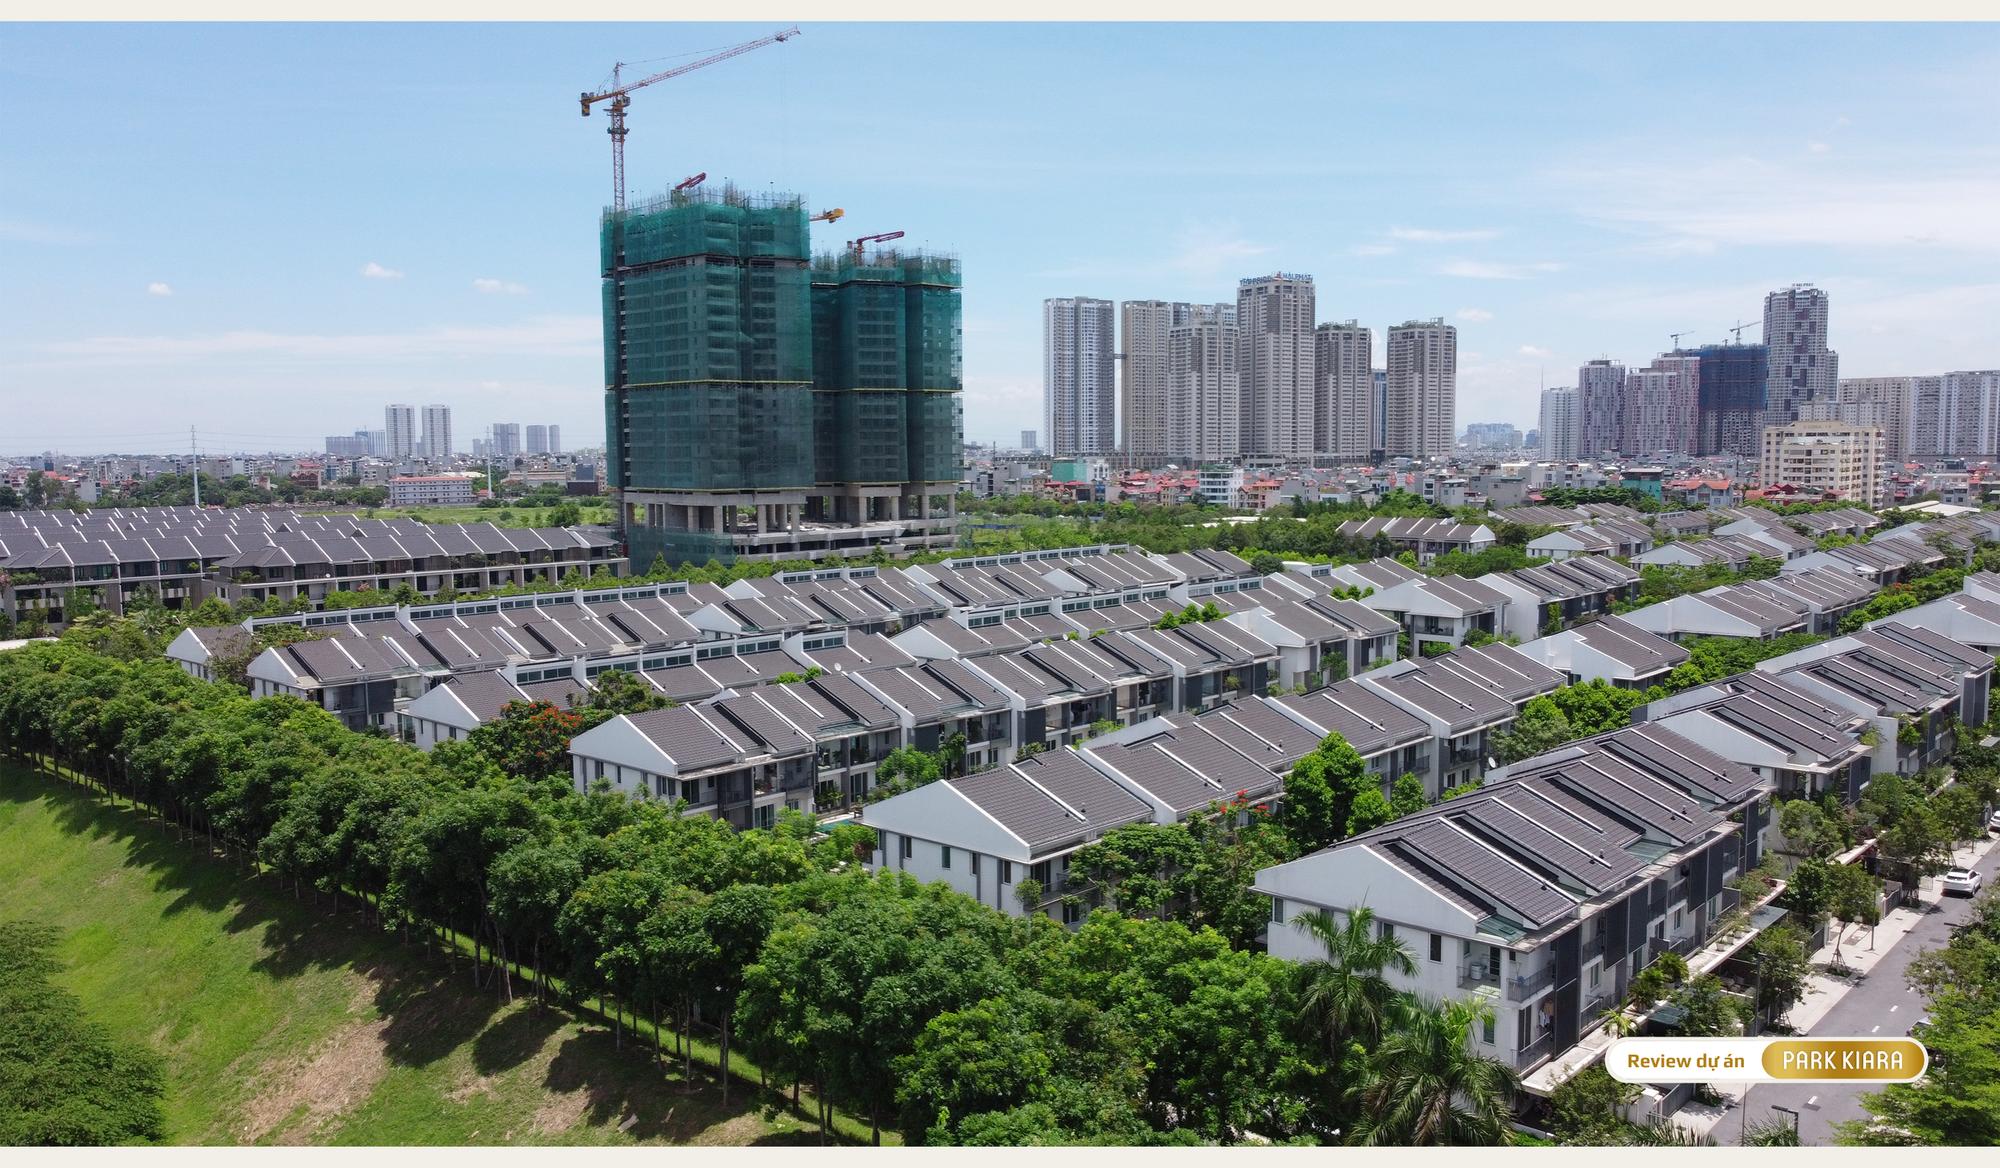 Review dự án chung cư Park Kiara: 80% là căn góc, gần trục chính Lê Văn Lương - Lê Trọng Tấn kéo dài - Ảnh 24.